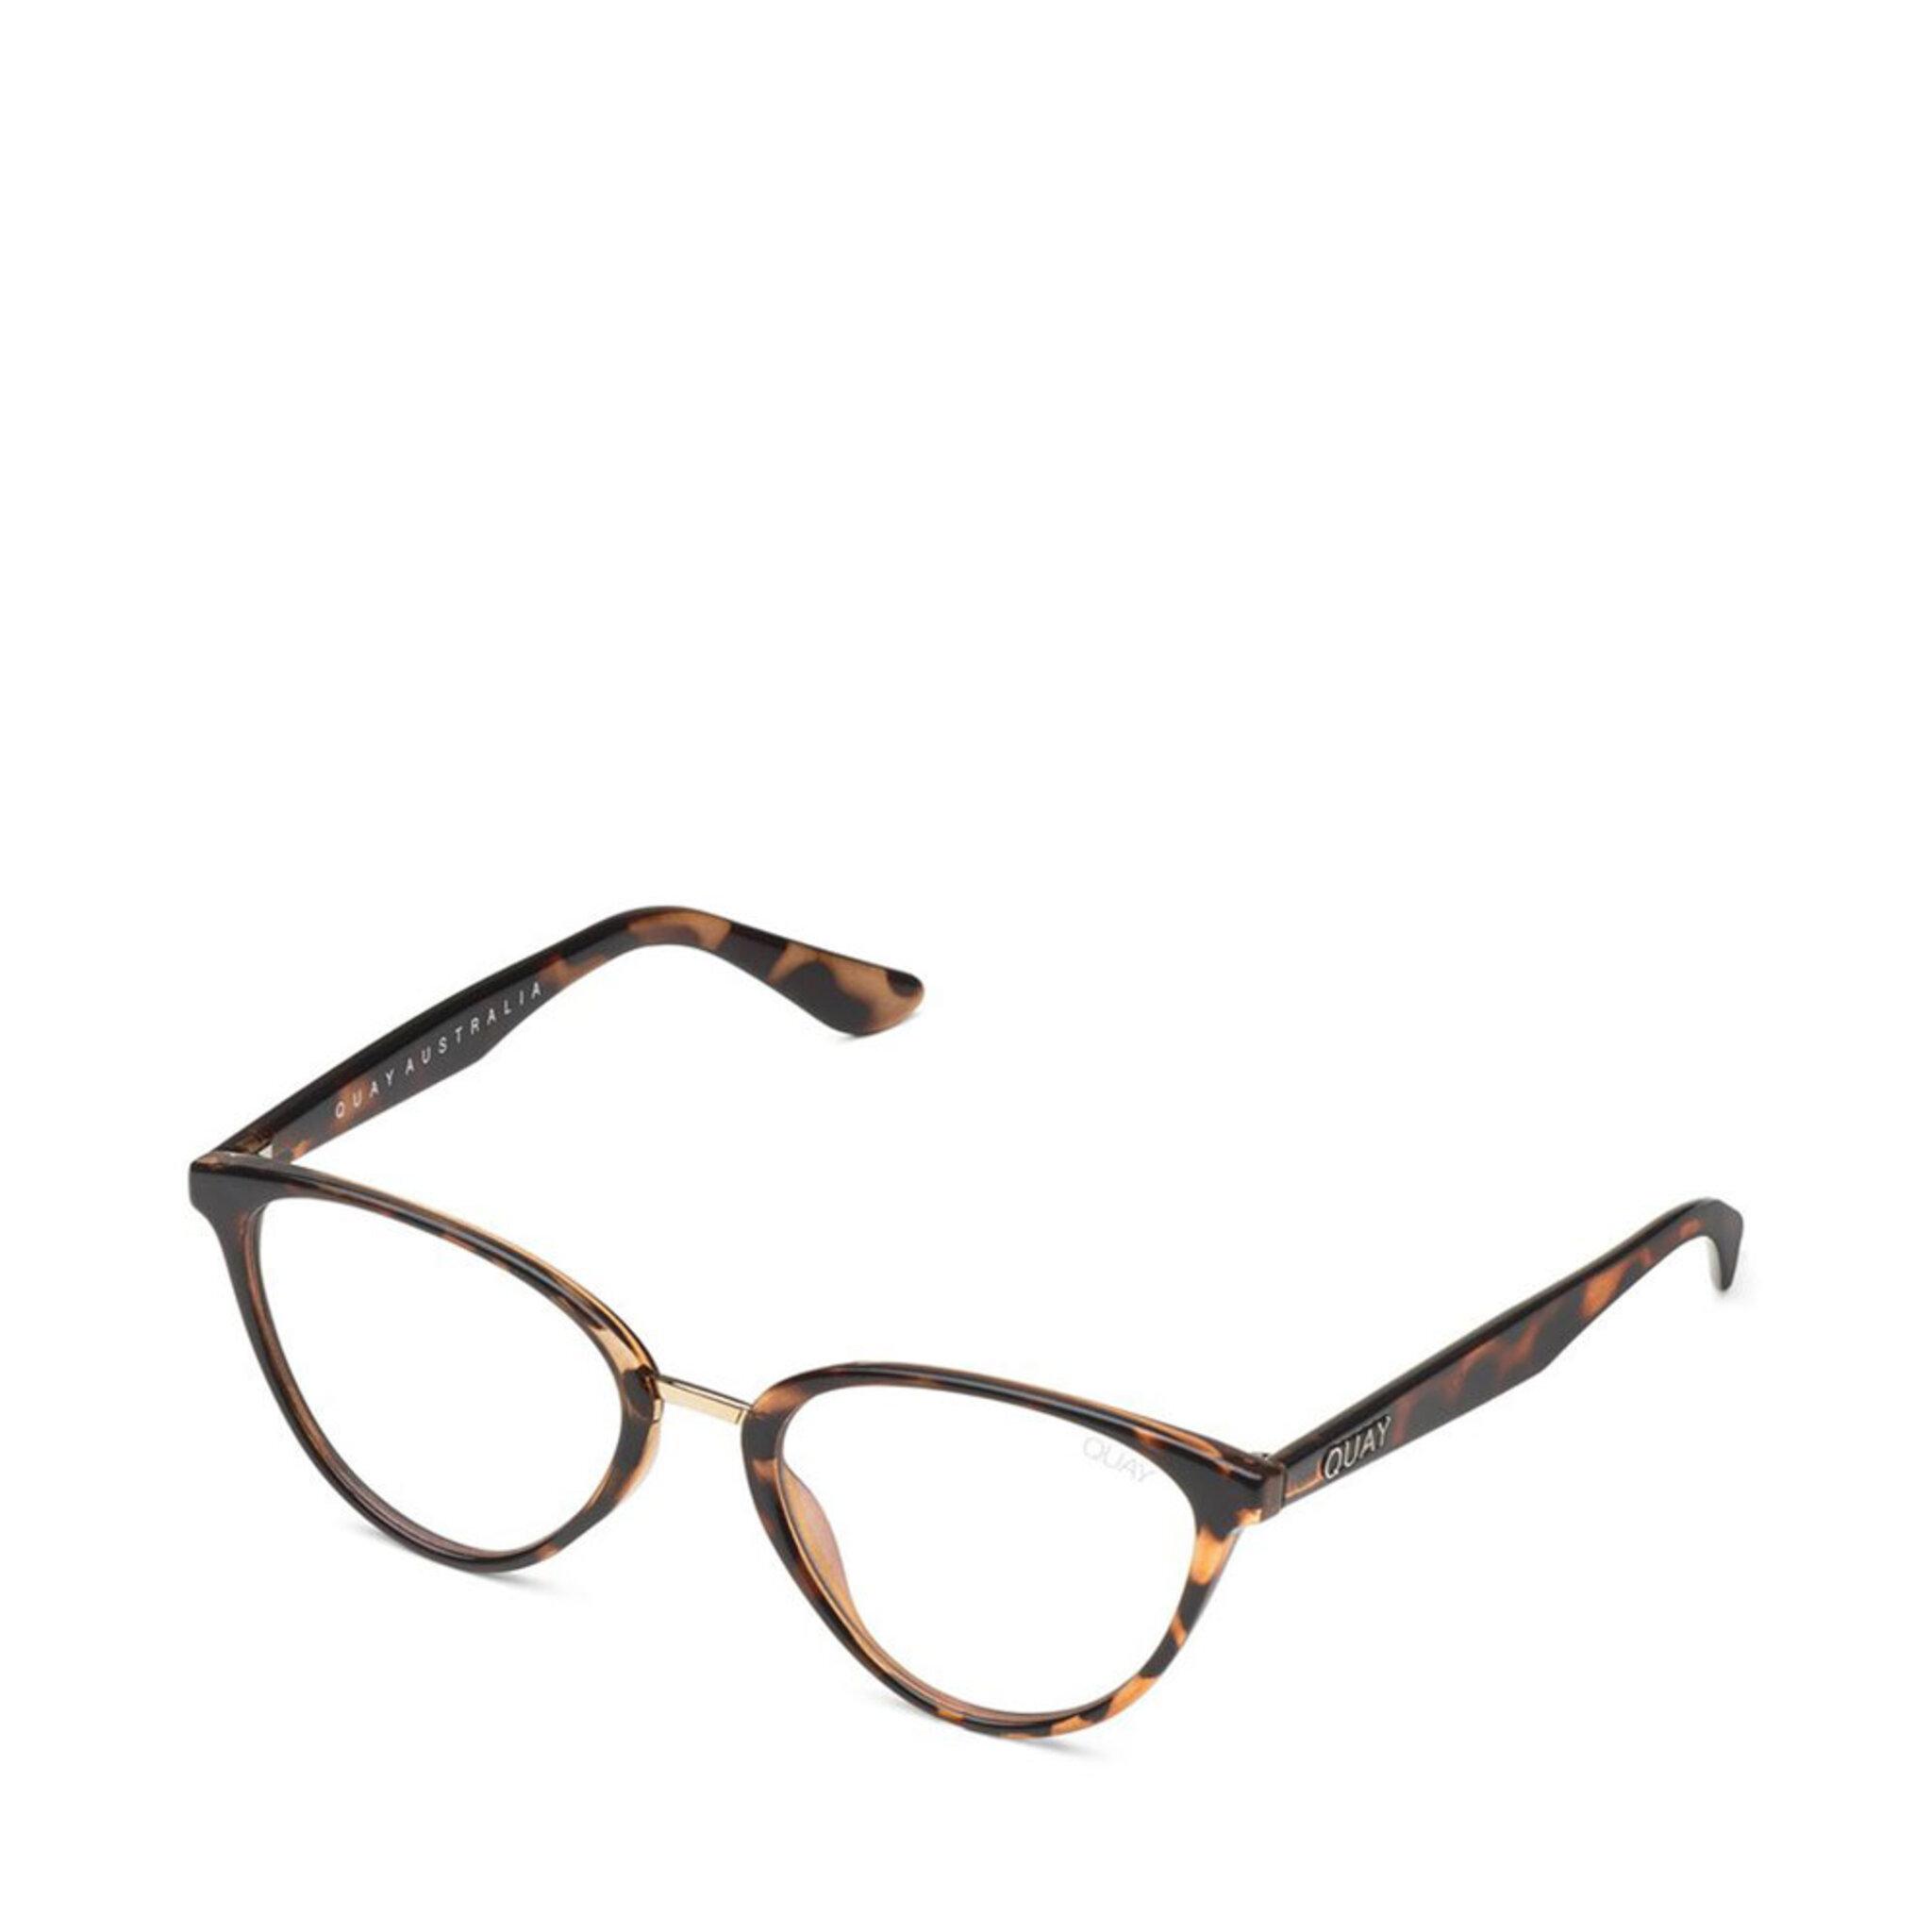 Solglasögon, Rumours